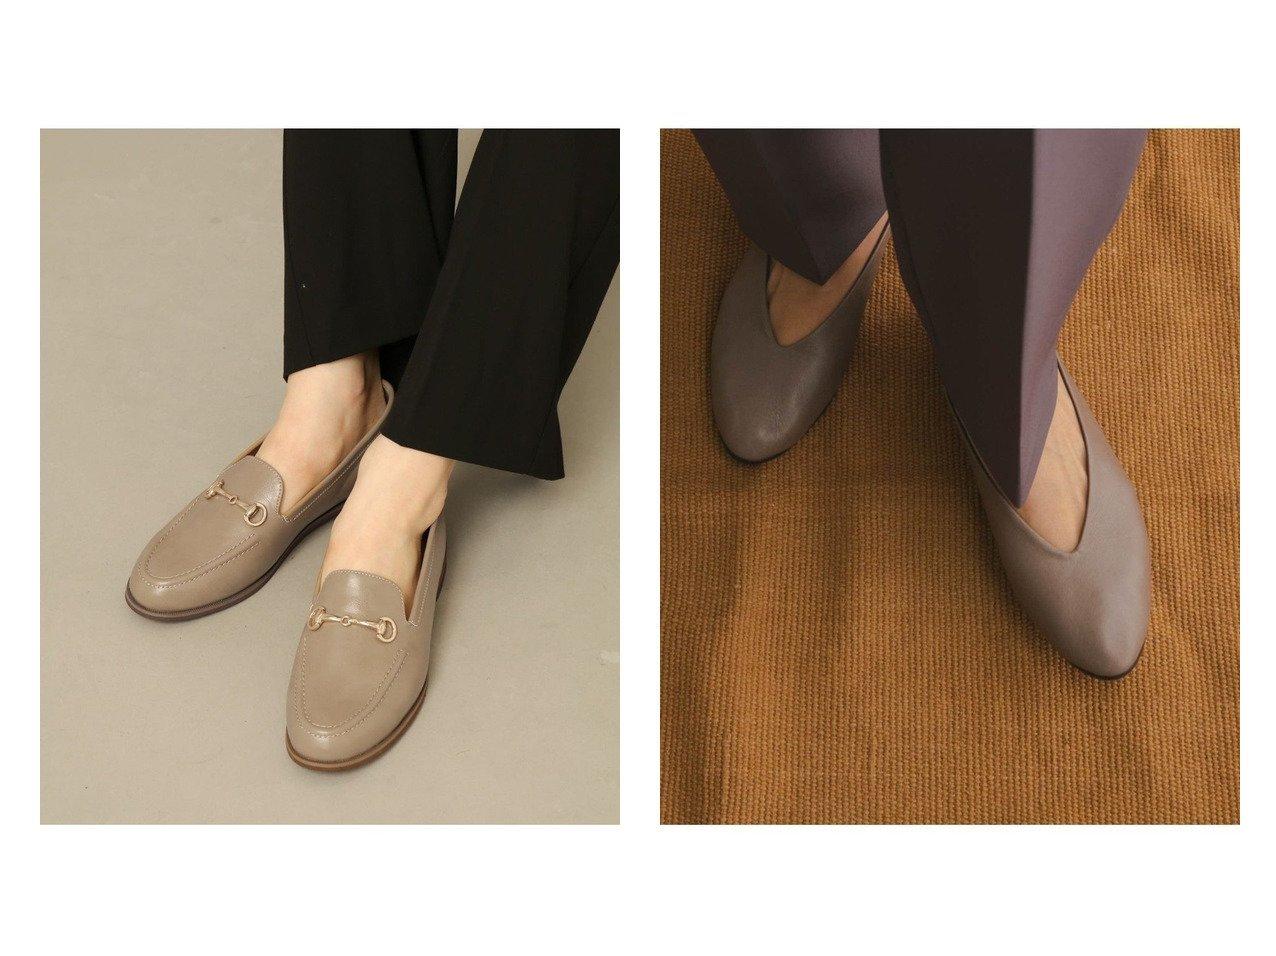 【SENSE OF PLACE / URBAN RESEARCH/センス オブ プレイス】のエコレザービットローファー&【URBAN RESEARCH DOORS/アーバンリサーチ ドアーズ】のVカットパンプス シューズ・靴のおすすめ!人気、レディースファッションの通販 おすすめファッション通販アイテム インテリア・キッズ・メンズ・レディースファッション・服の通販 founy(ファニー) ファッション Fashion レディース WOMEN シューズ タイツ ベーシック ボトム 人気 今季 秋 A/W 秋冬 Autumn & Winter バレエ フェイクレザー ブラック系 Black ブラウン系 Brown ベージュ系 Beige |ID:crp329100000004951